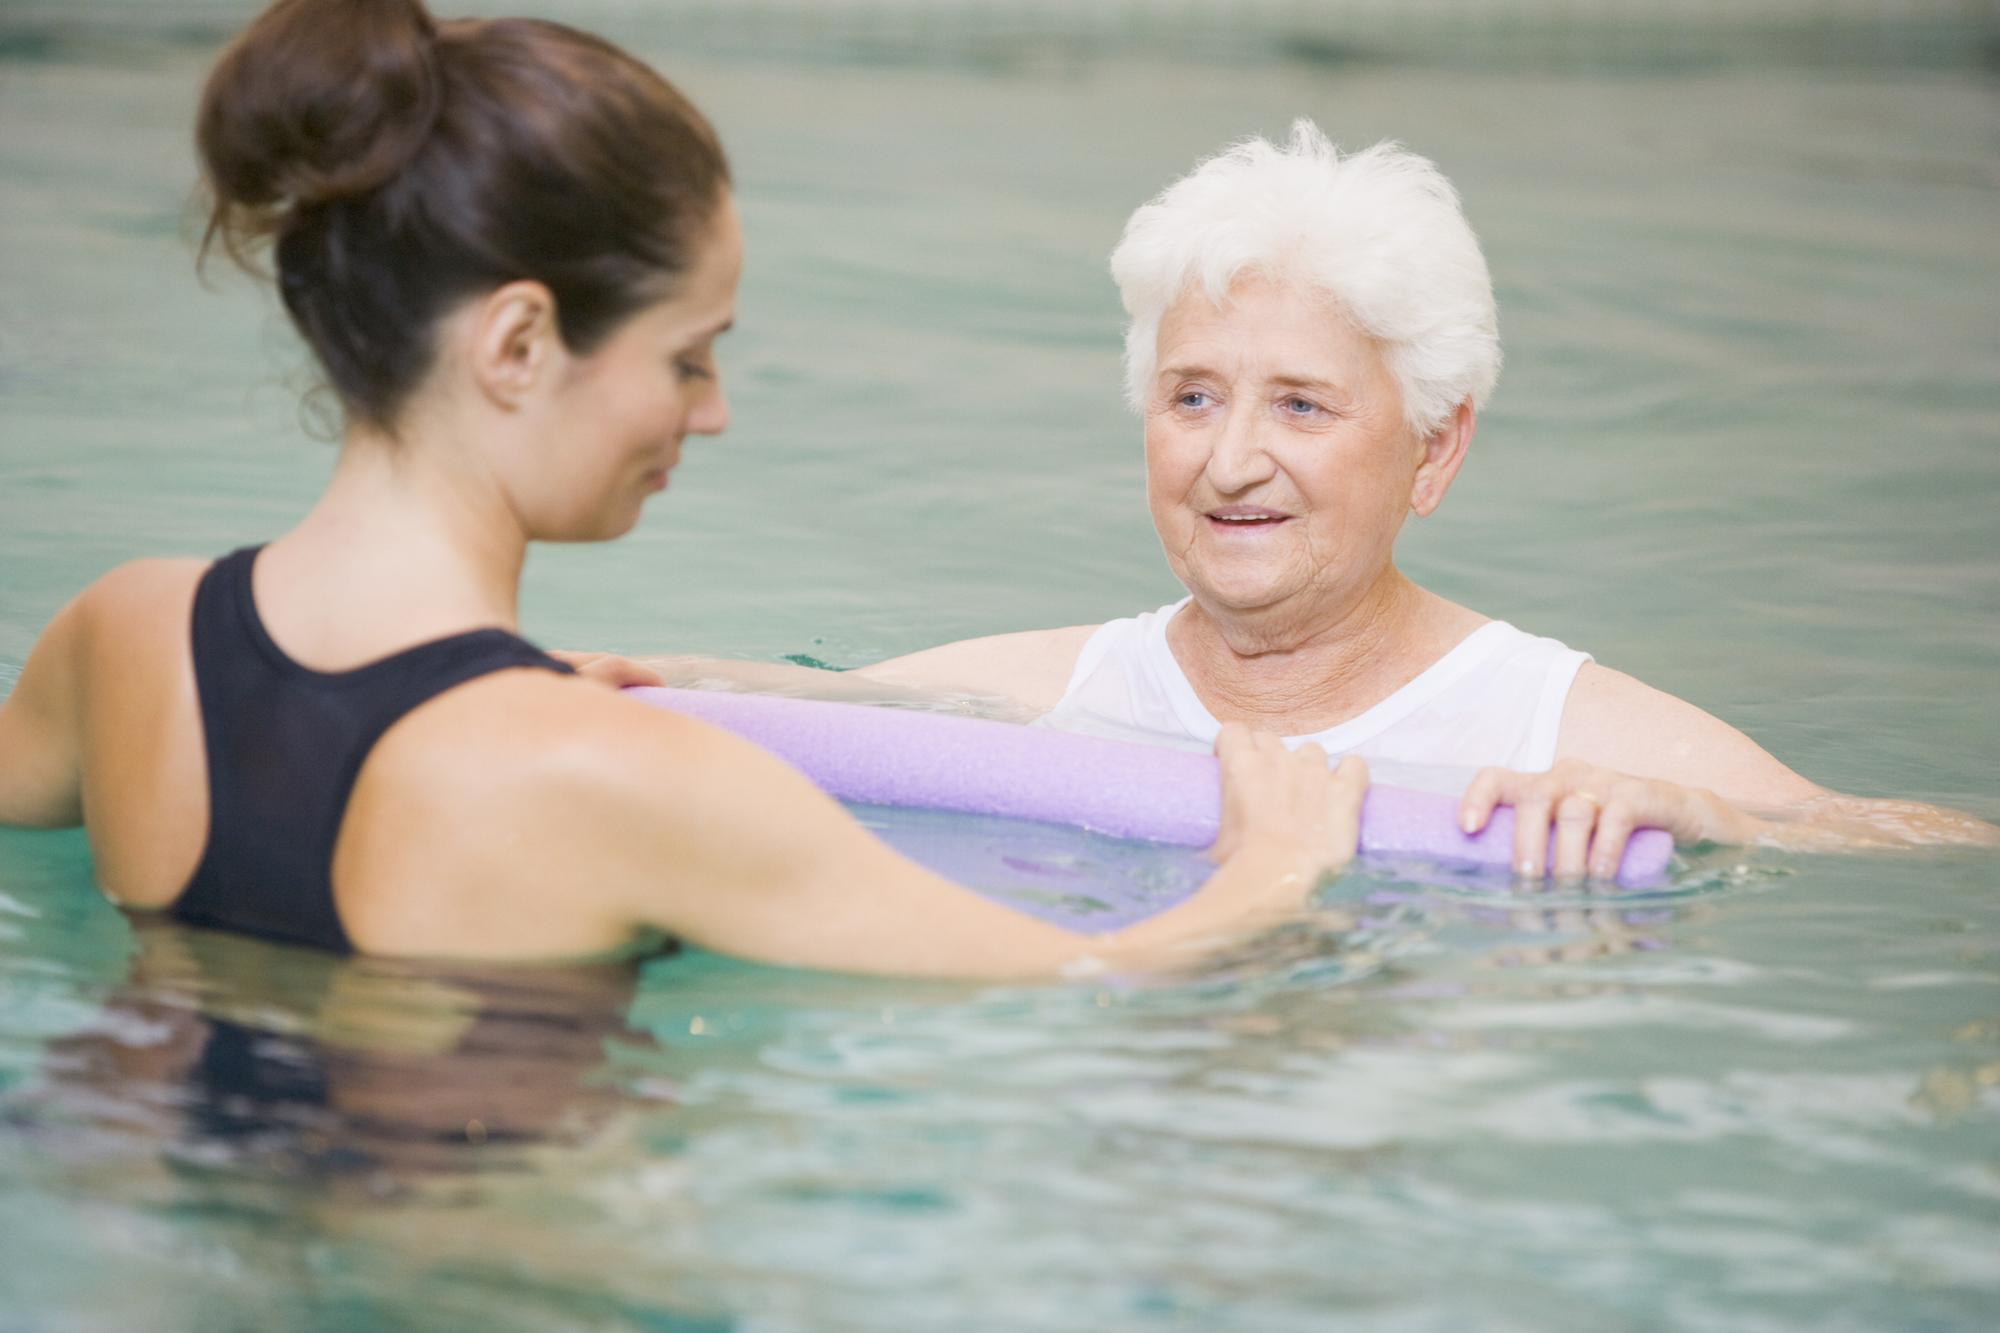 Ízületi gyulladás: miért erősödnek fel ősszel a tünetek? - Blikk Rúzs